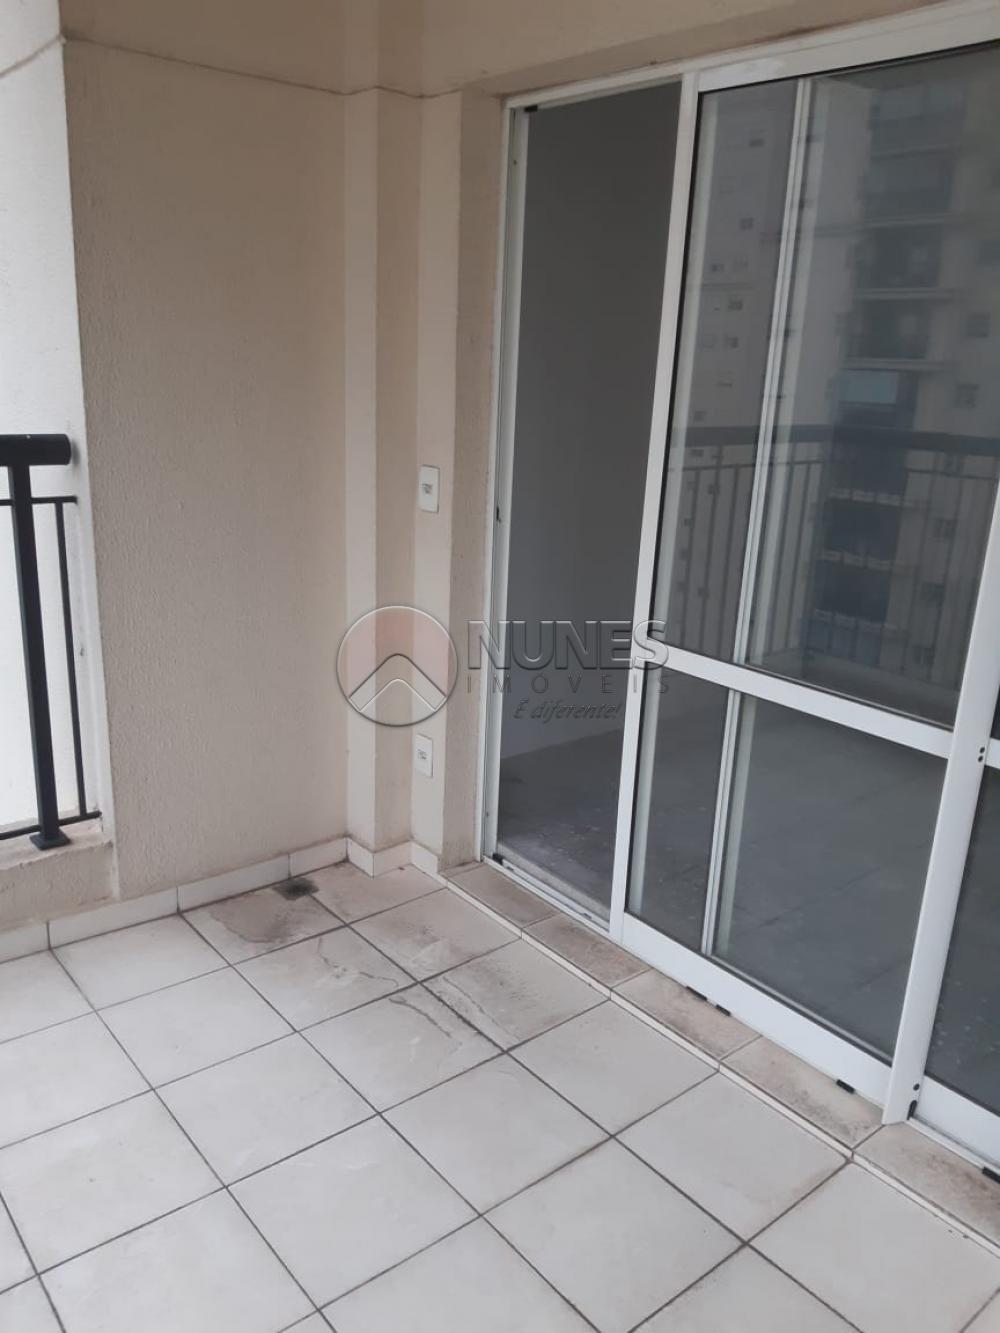 Comprar Apartamento / Padrão em Barueri apenas R$ 530.000,00 - Foto 11